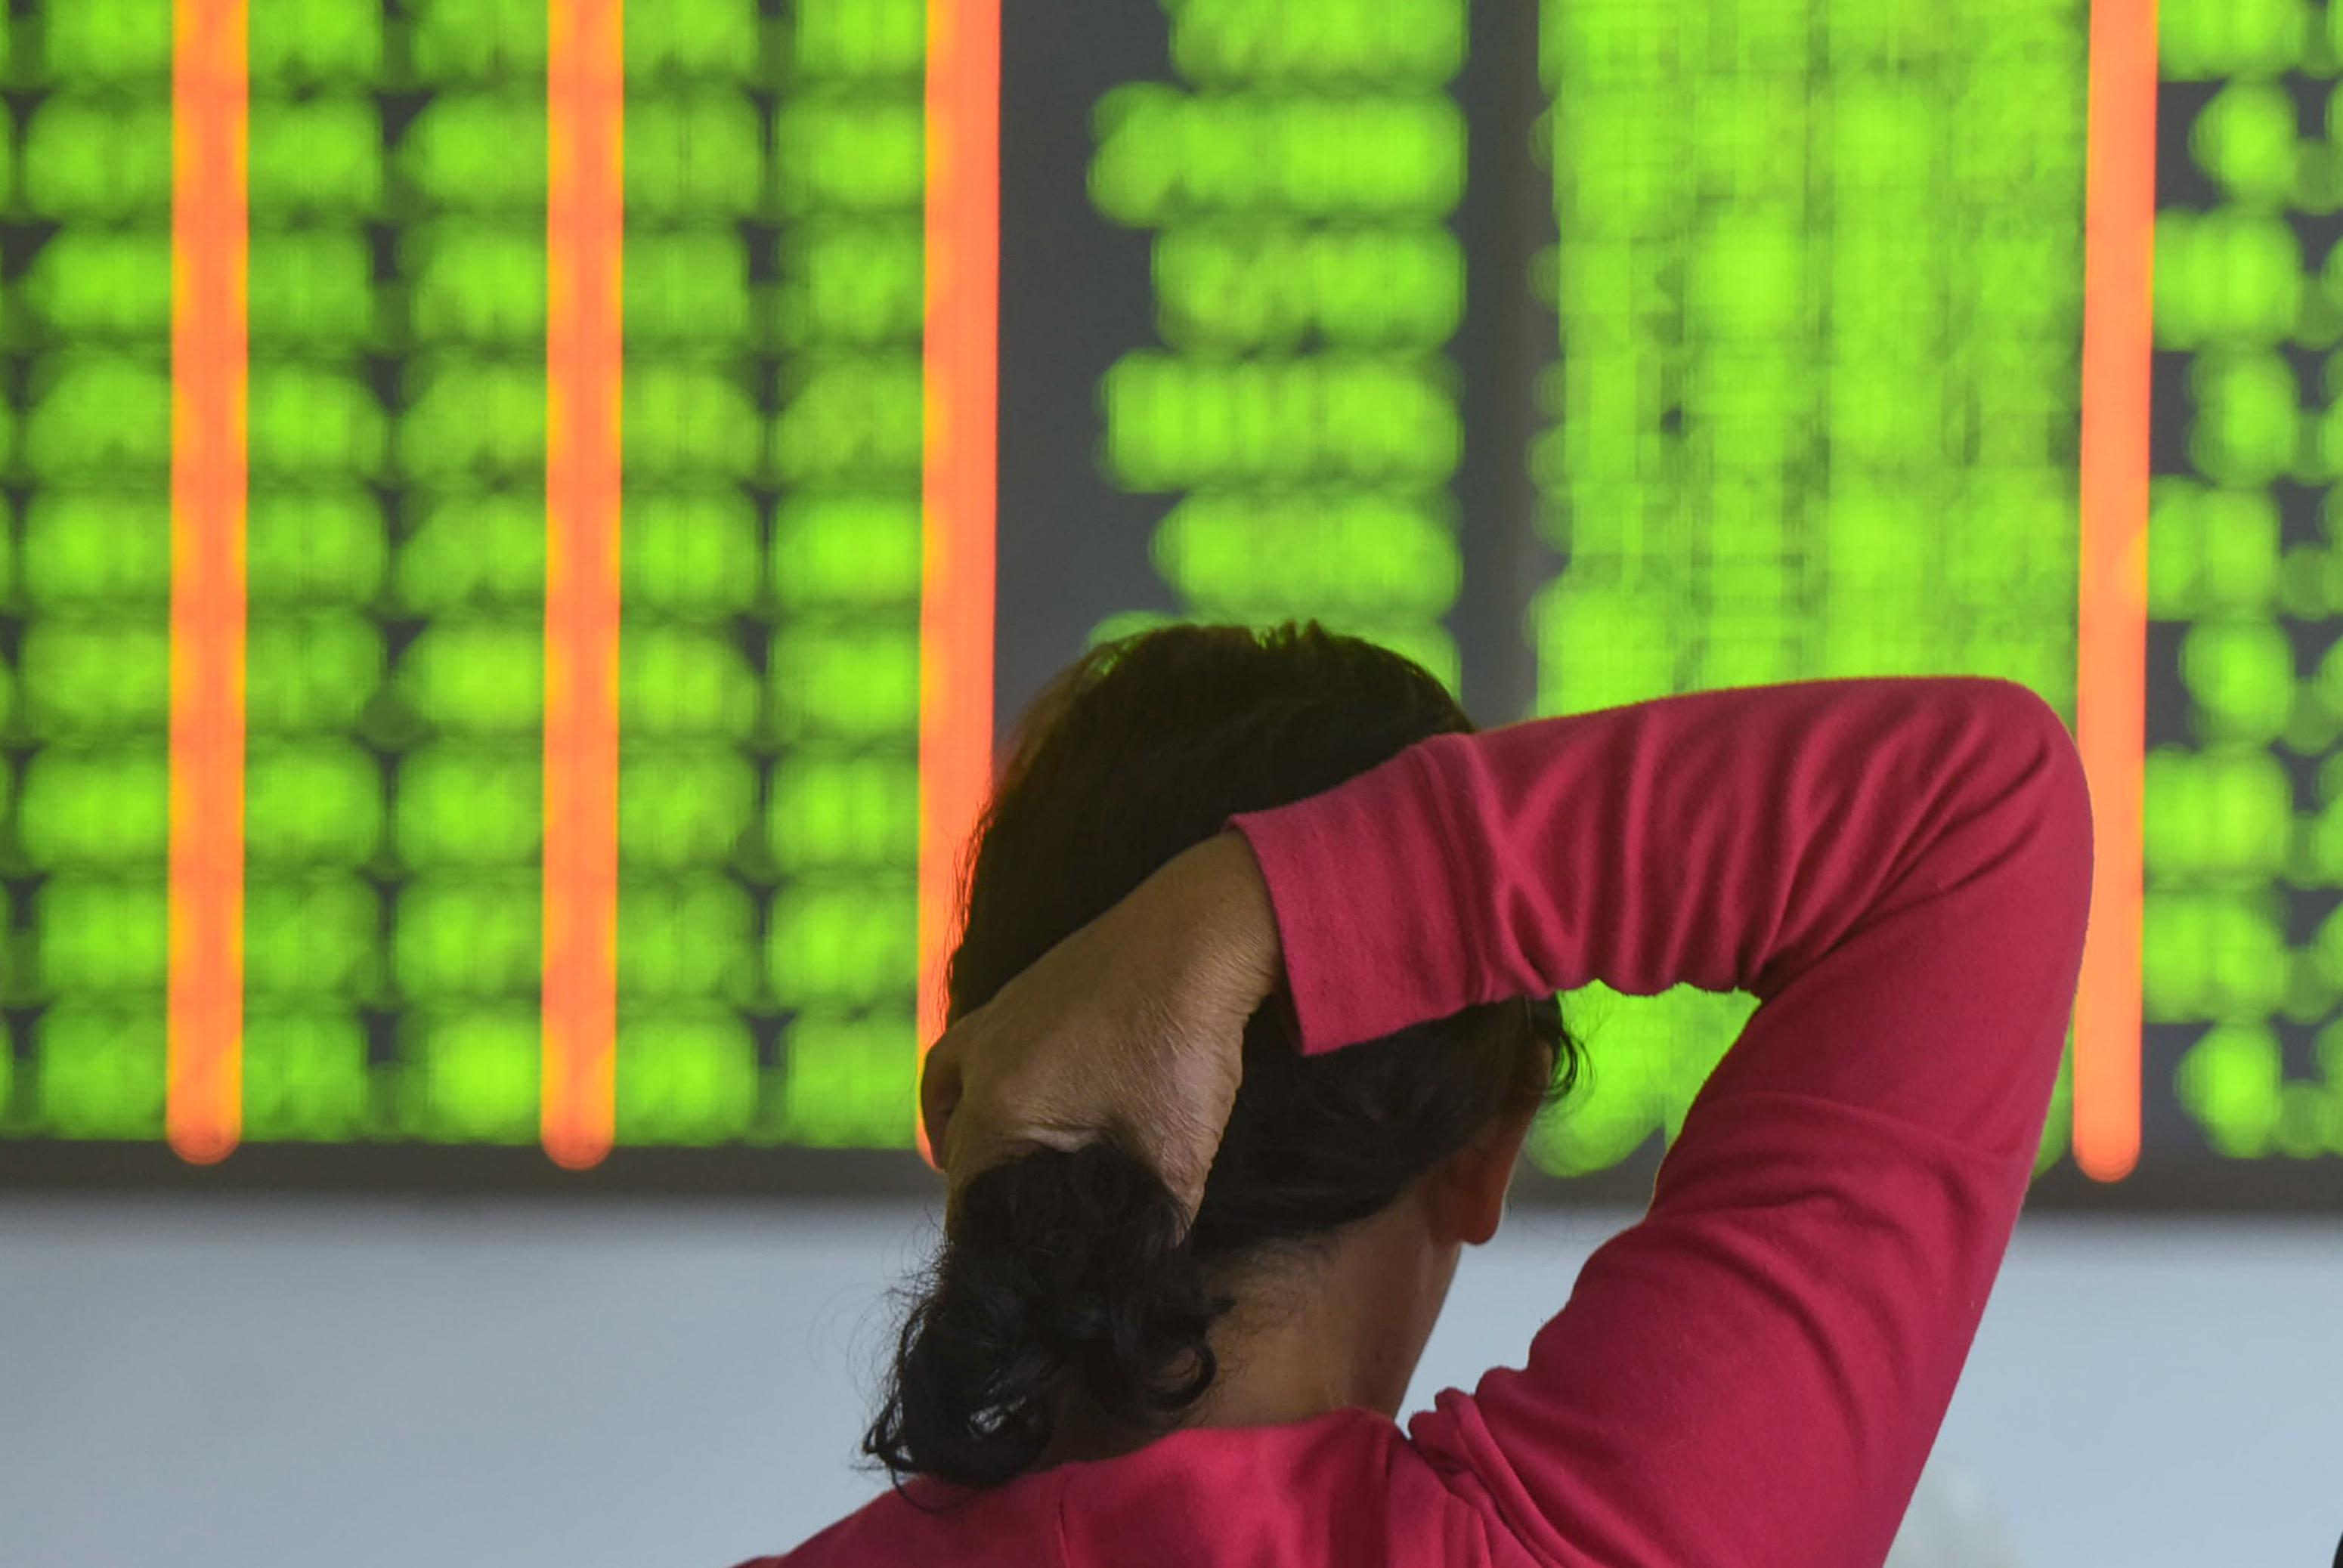 中共唱紅股市未果 被評為「最笨拙干預」